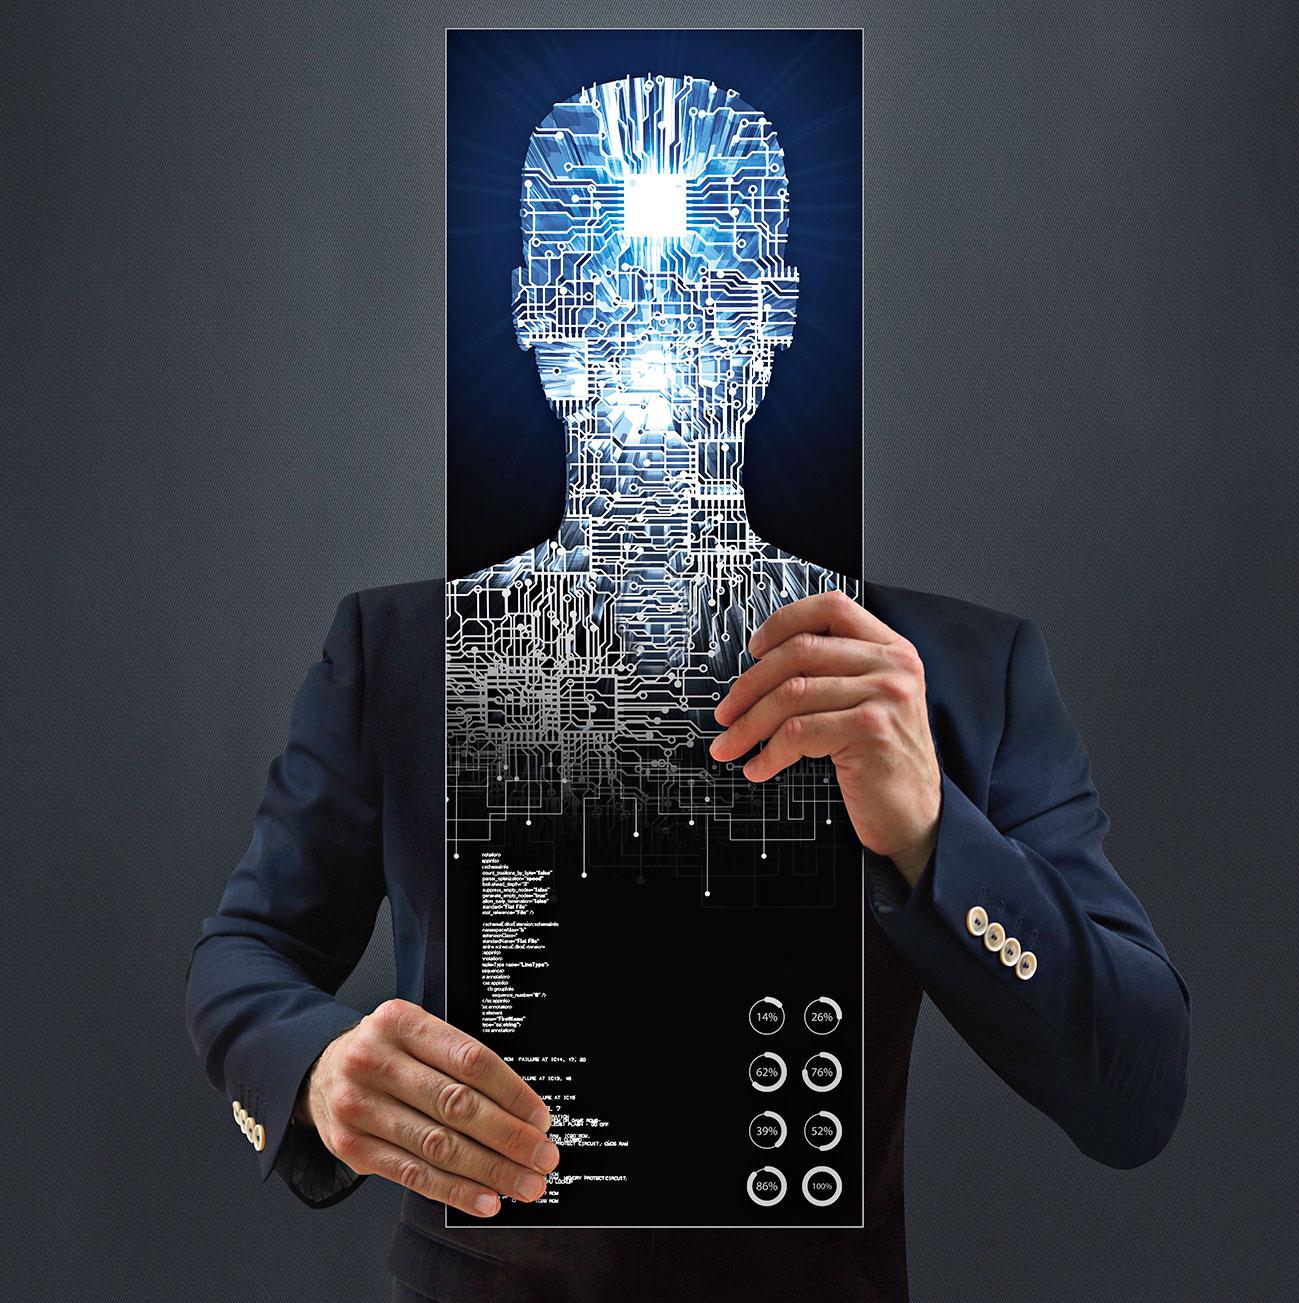 AI on the future